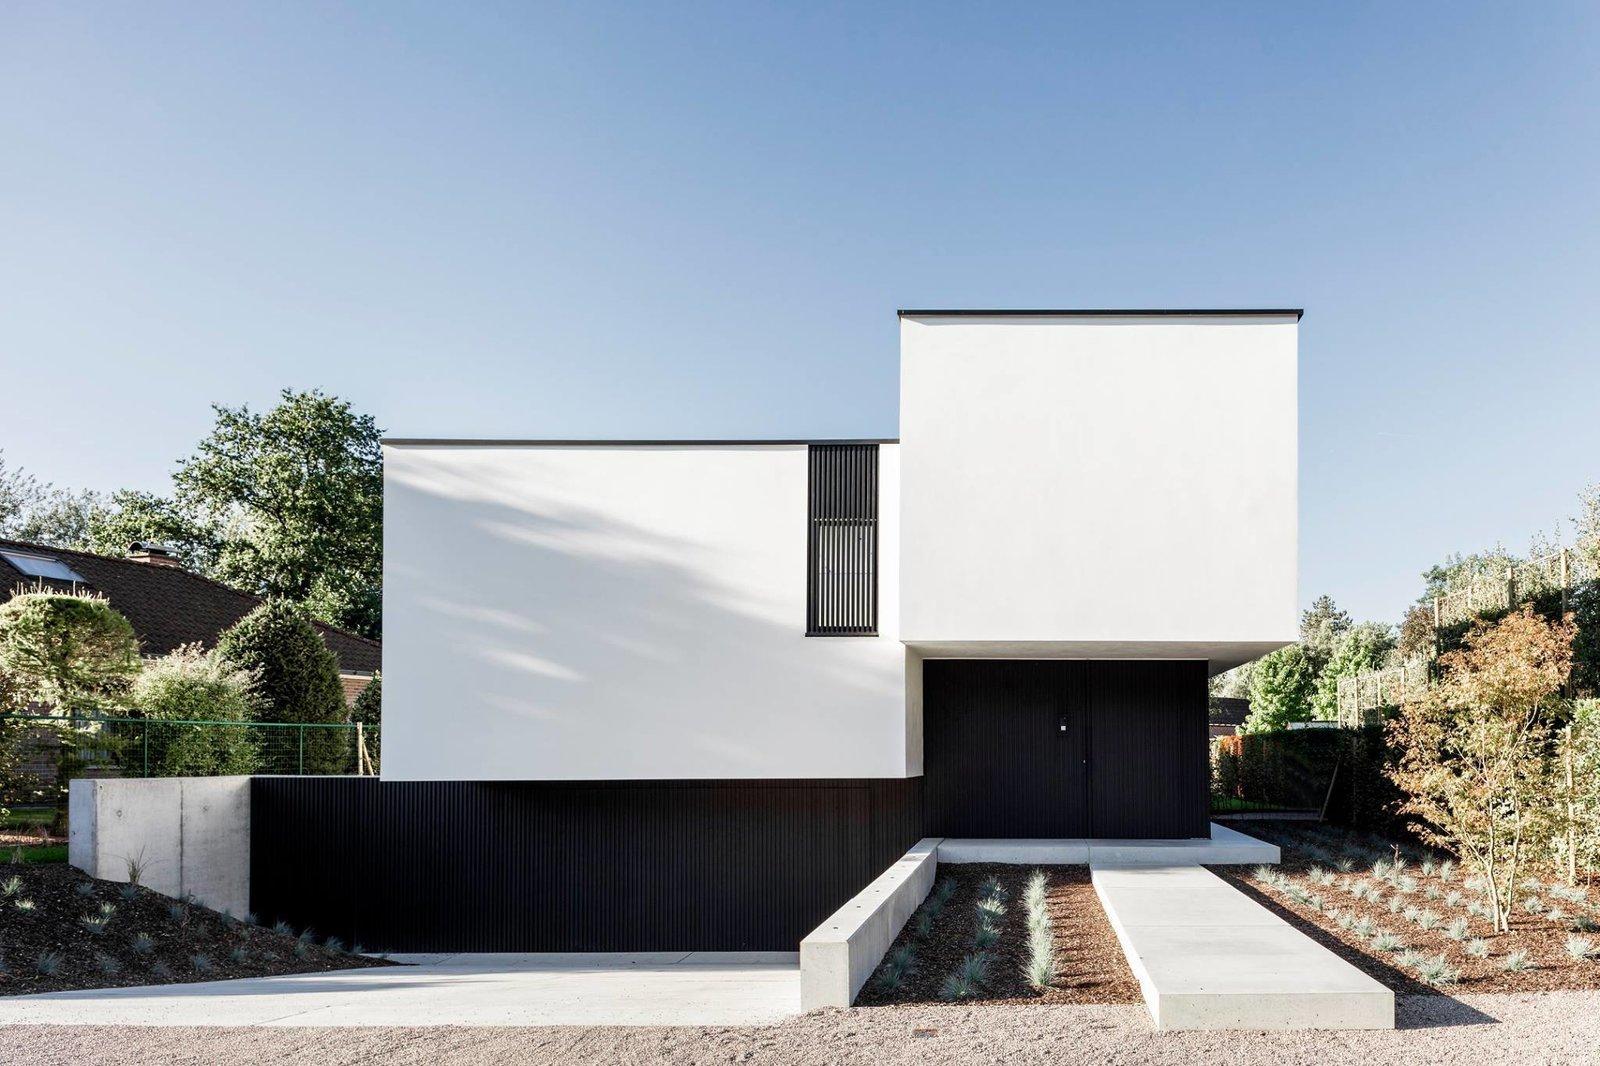 Home DW by Francisca Hautekeete